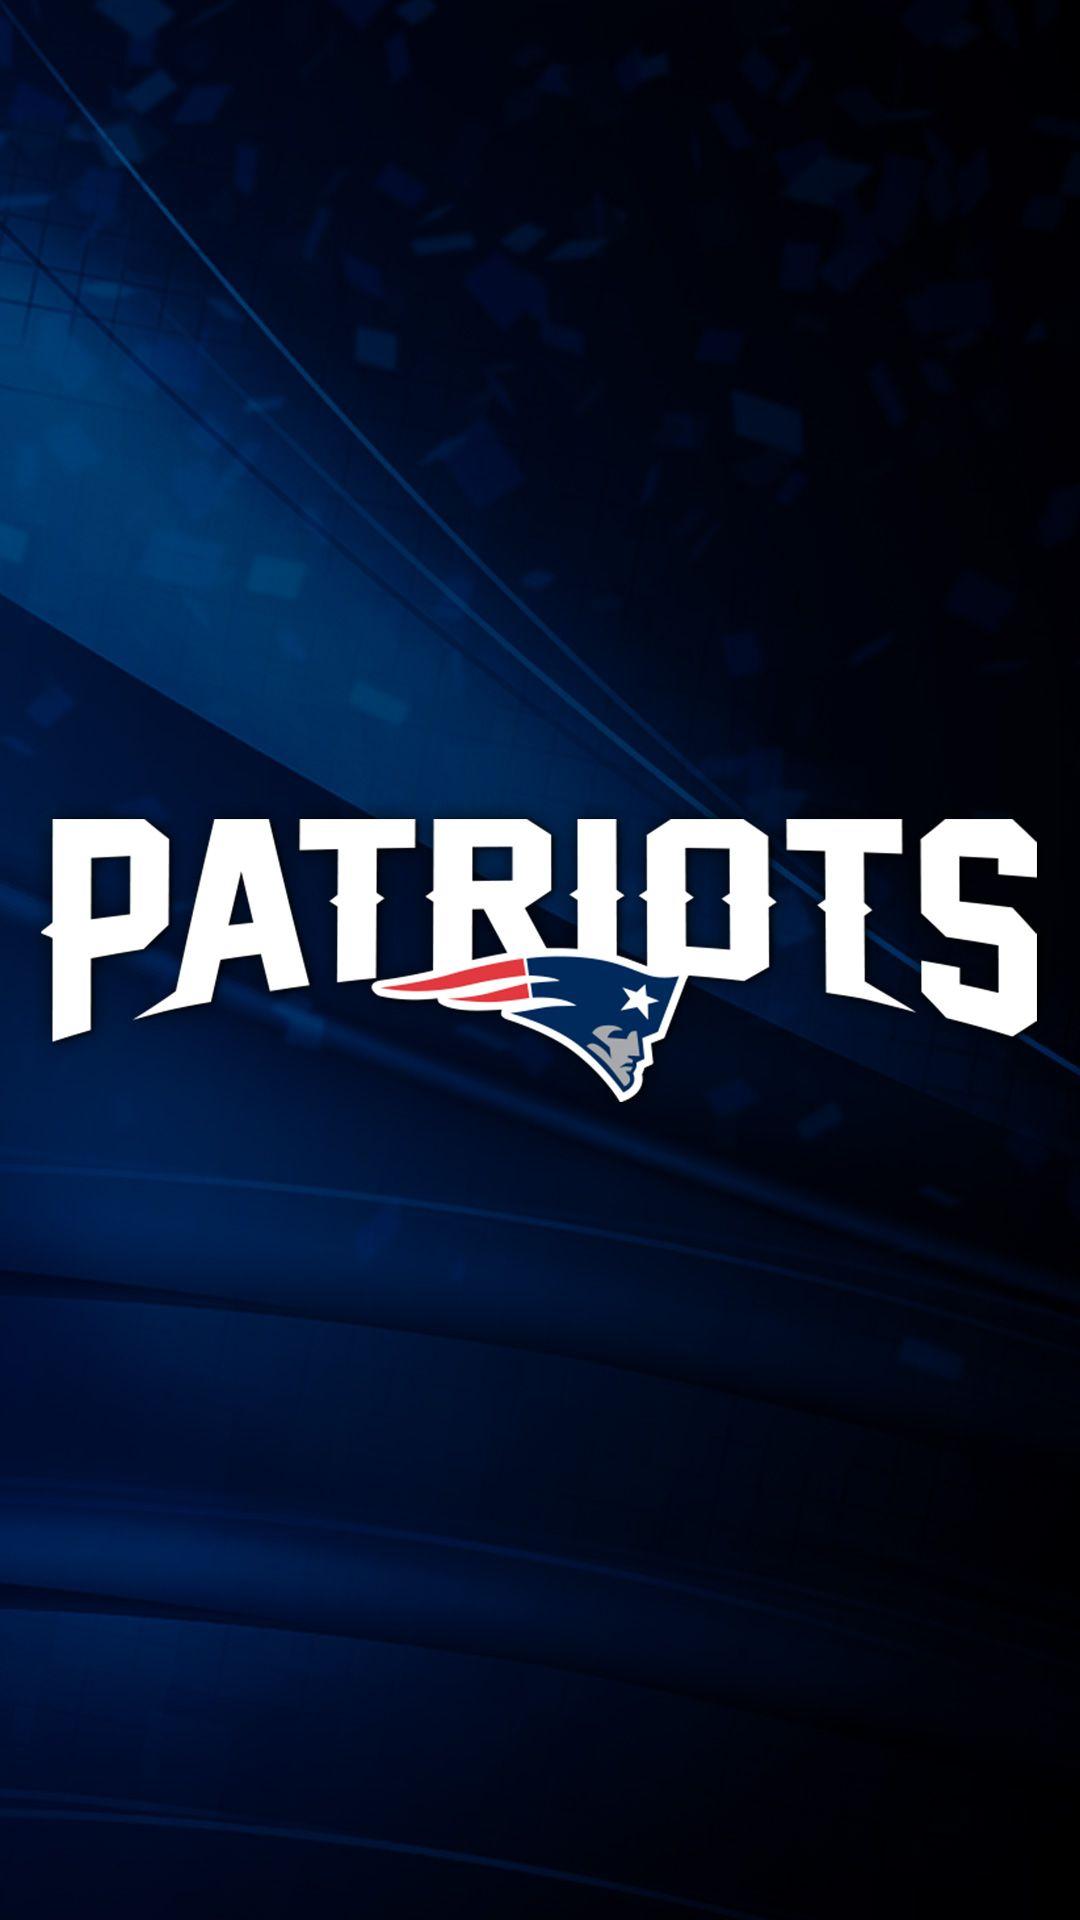 Patriots Wallpaper Iphone6 new england patriots logo New 1080x1920